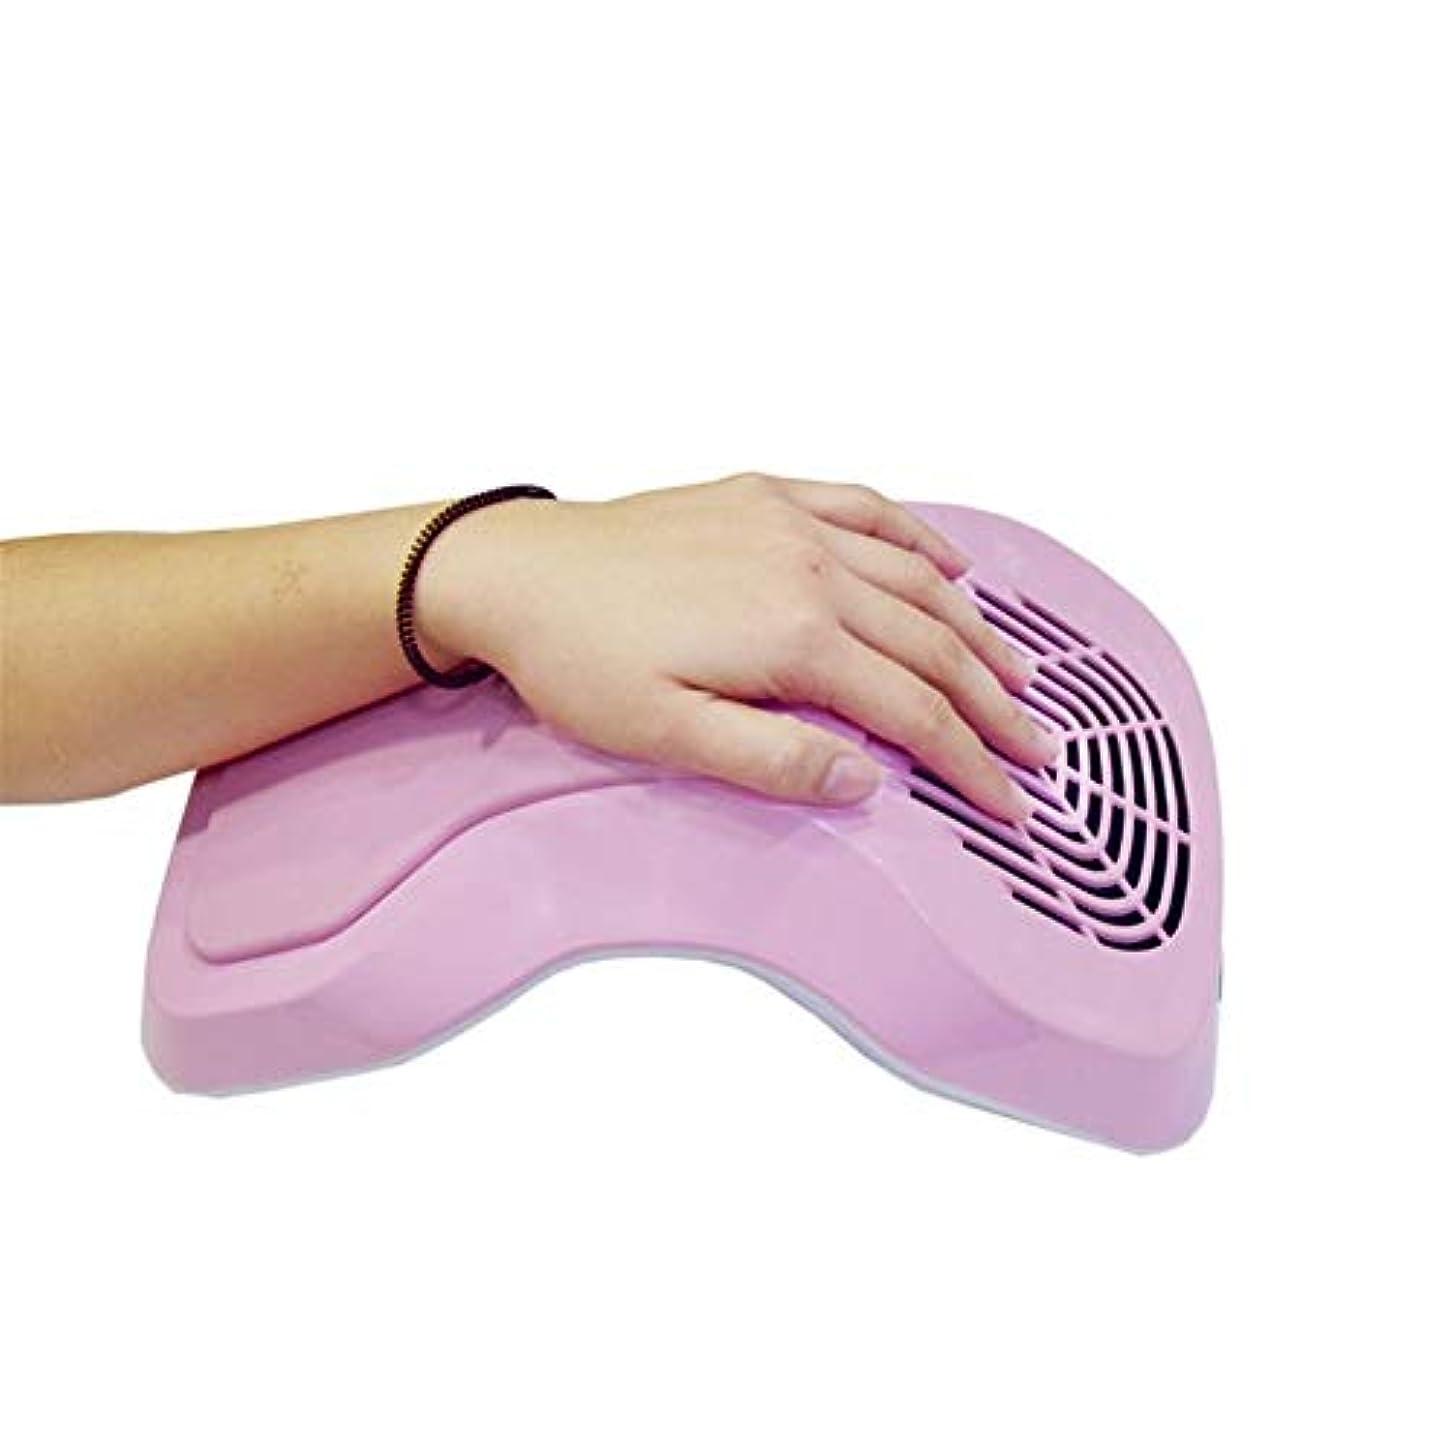 締めるトライアスロンインカ帝国ネイル掃除機吸引ダストコレクター機でダストバッグプロフェッショナルサロン爪ダストコレクションファンネイルアートToolspink